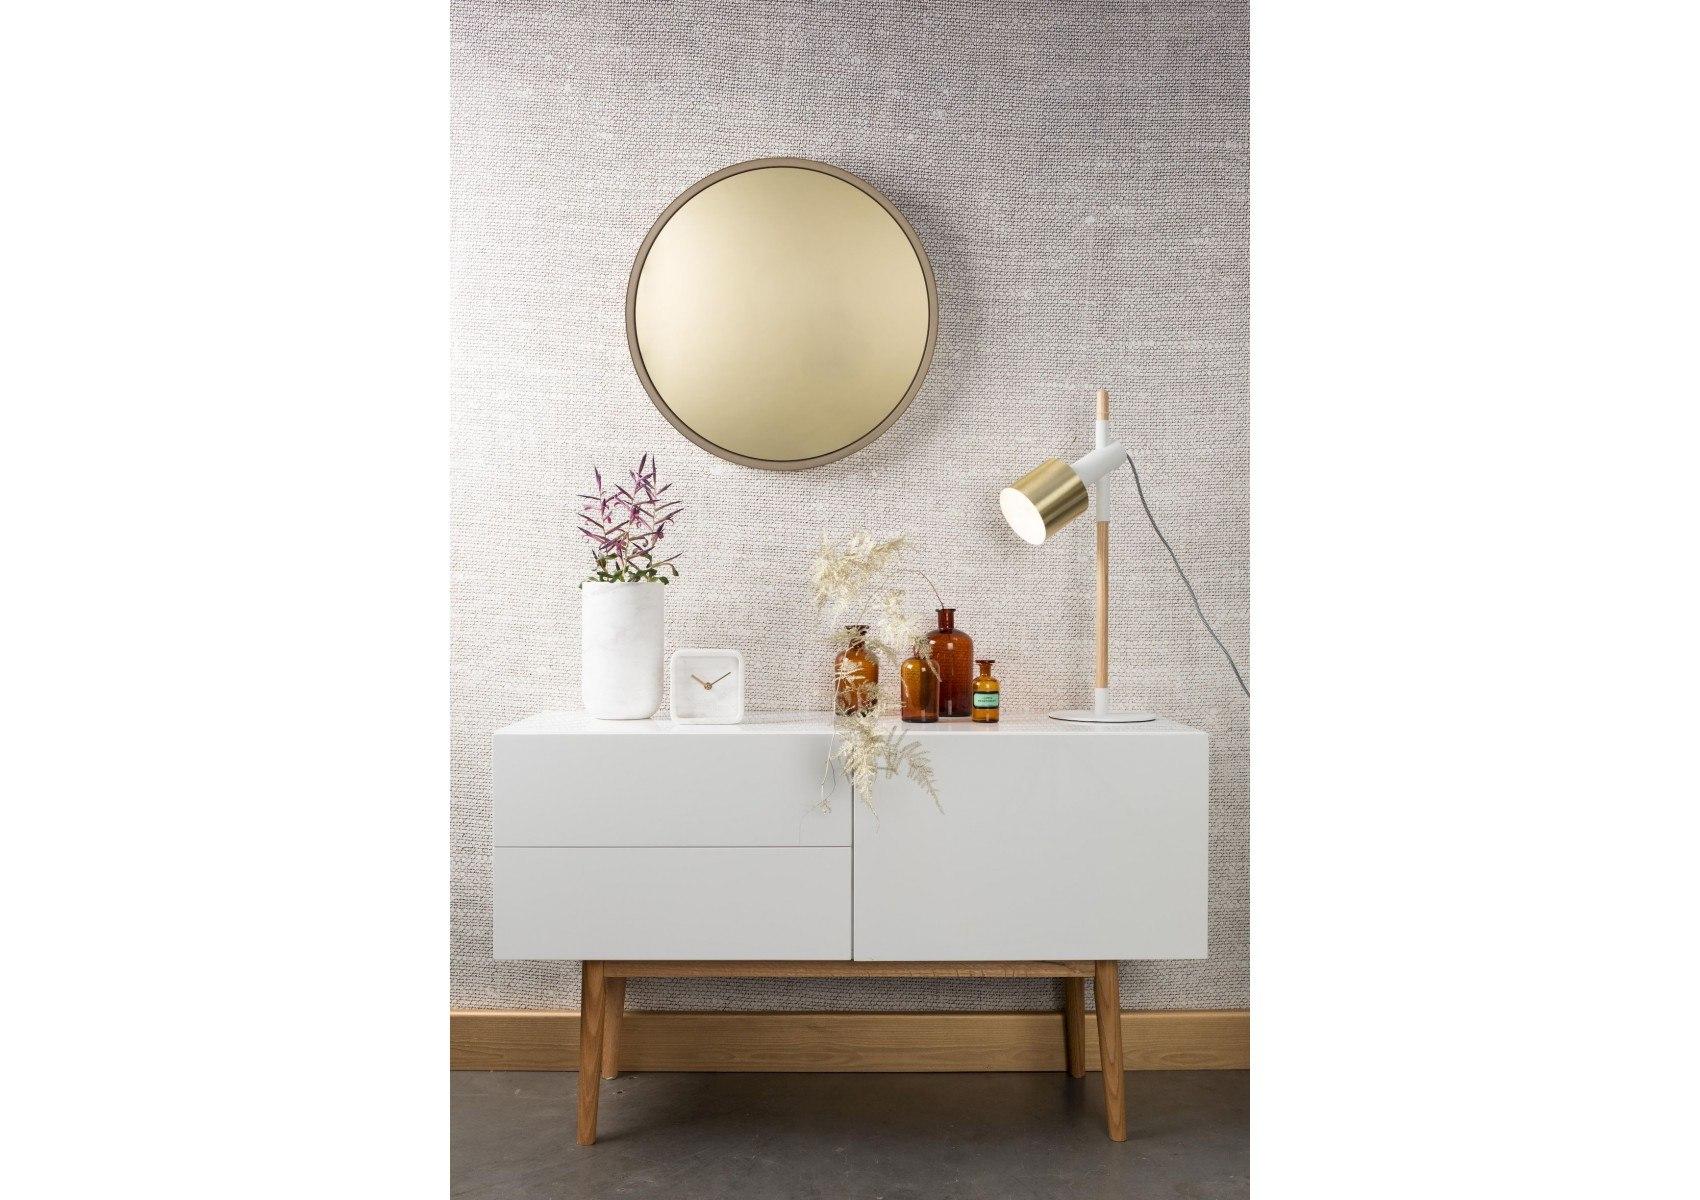 Miroir rond original teint bandit zuiver for Miroir teinte design